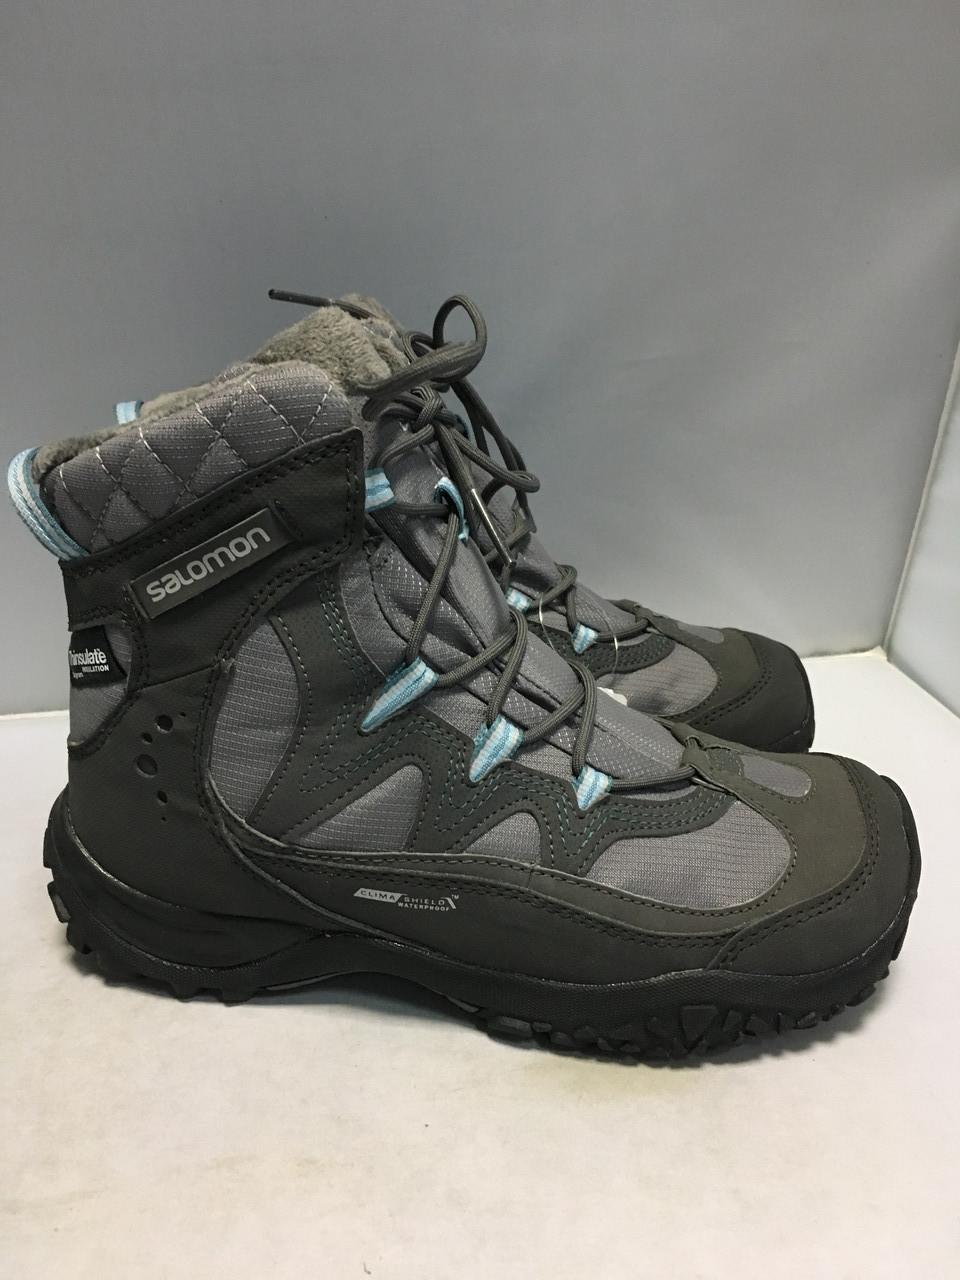 Женские зимние ботинки Salomon, 39 размер